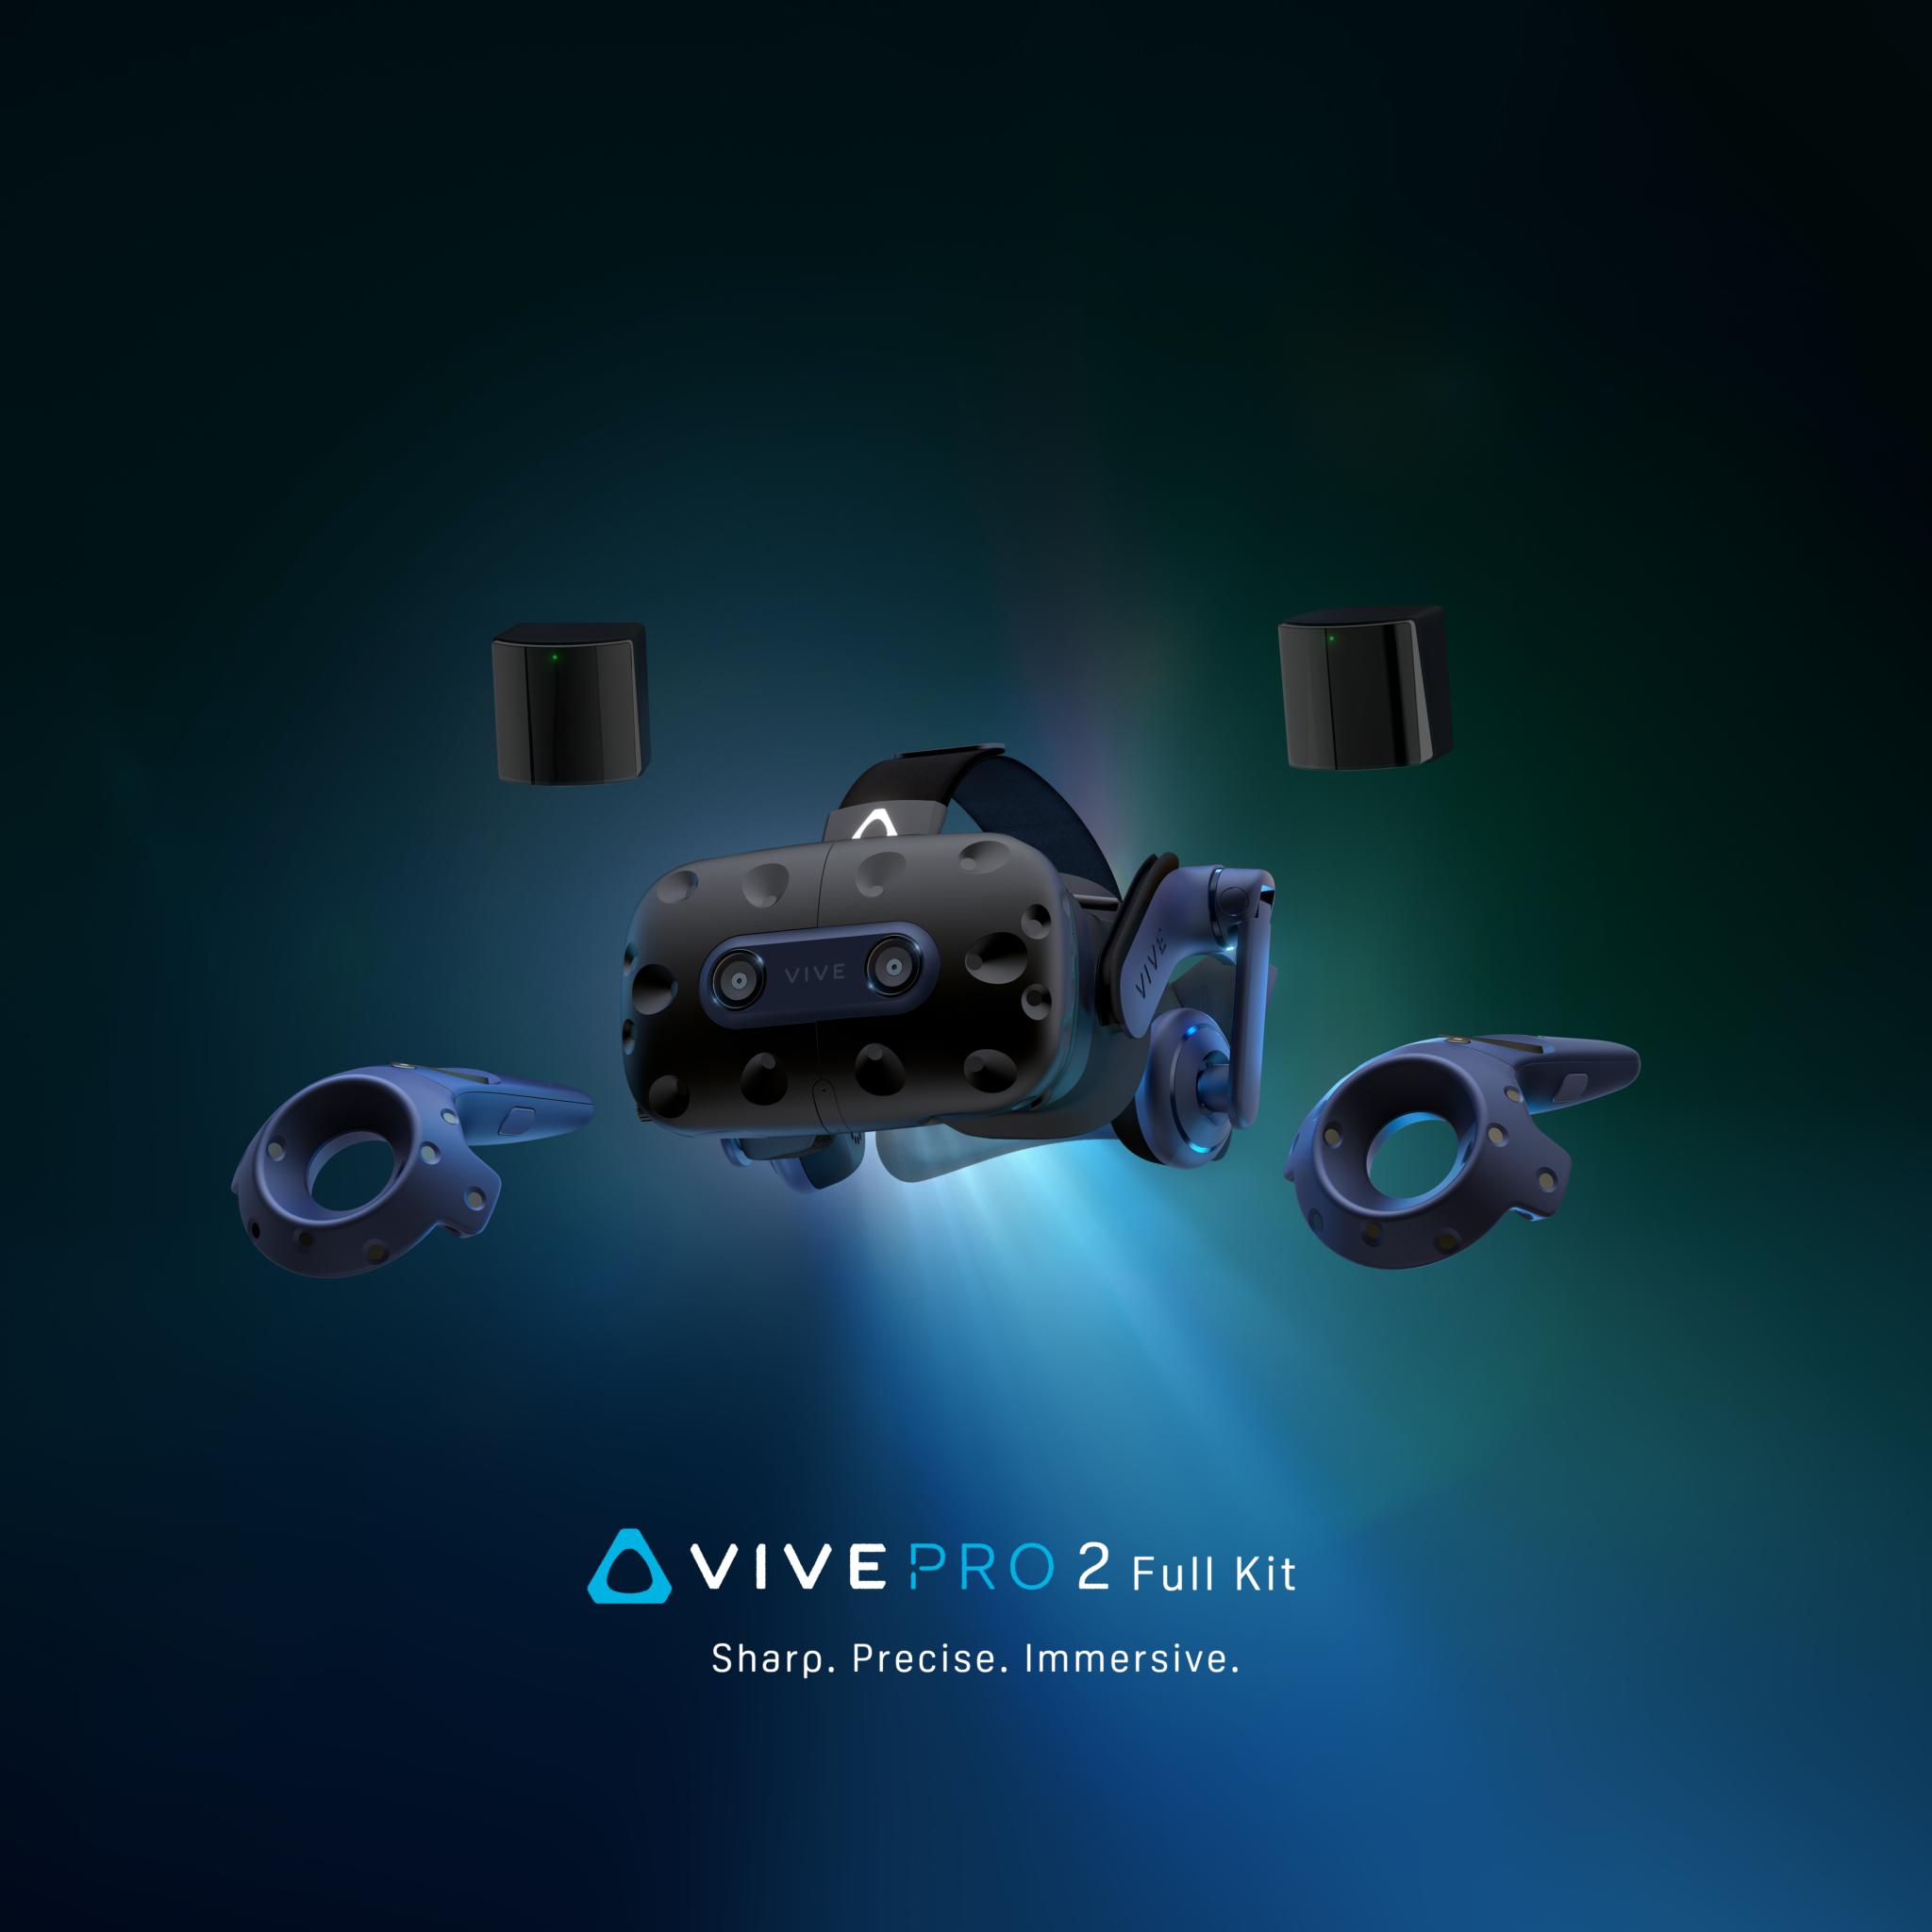 новый шлем виртуальной реальности